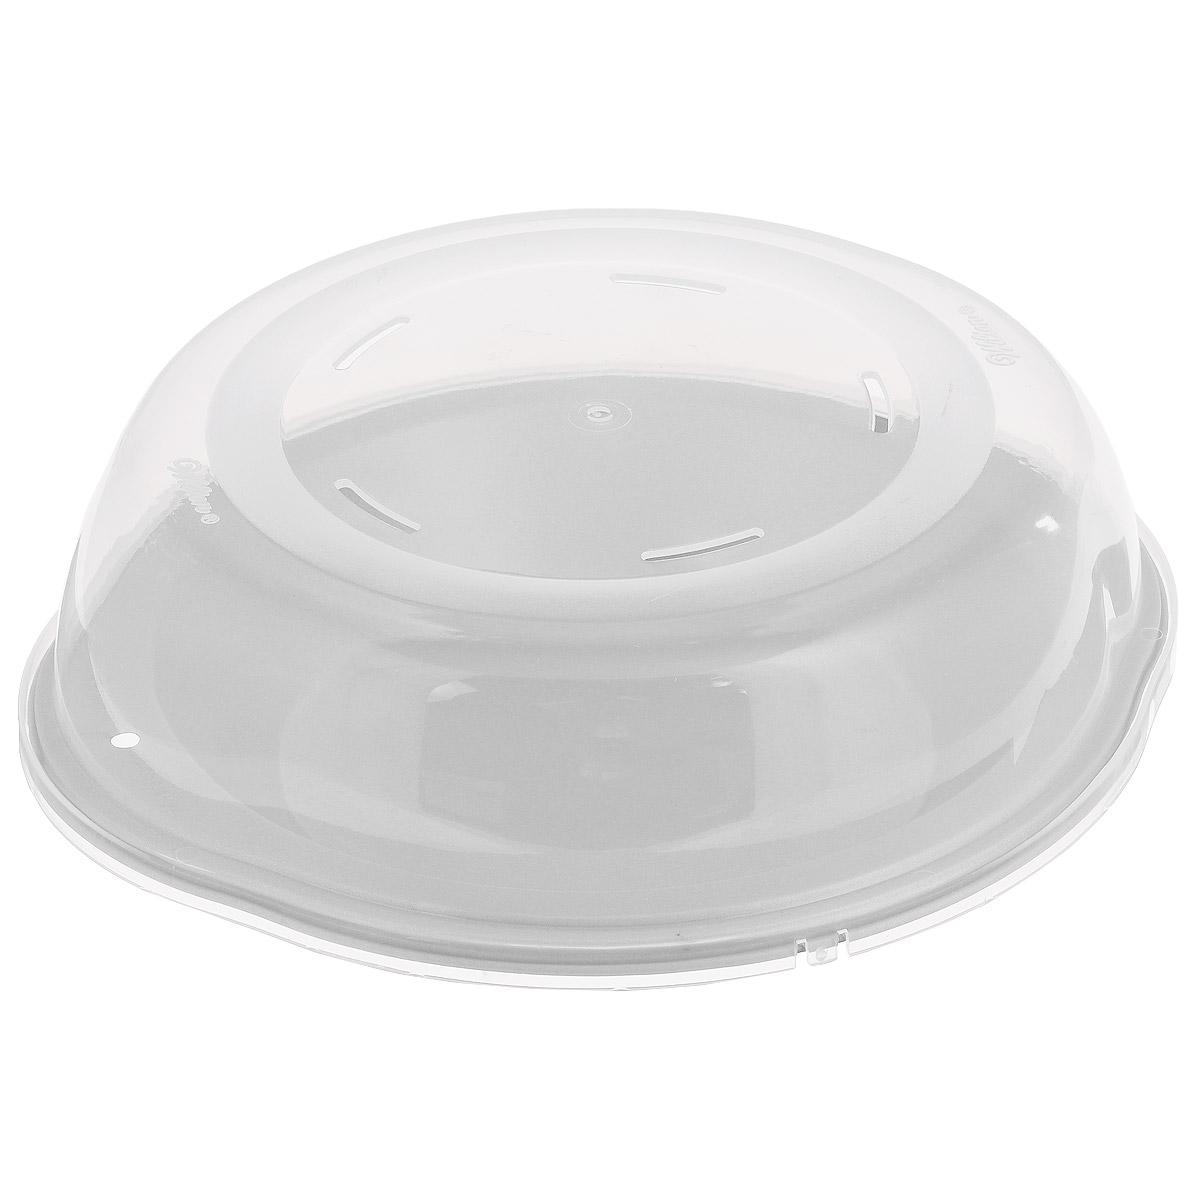 Форма для выпечки Wilton Recipe Right с крышкой, с антипригарным покрытием, диаметр 23 смWLT-2105-9195Форма для выпечки Wilton выполнена из высококачественной стали, что обеспечивает равномерное распределение тепла и прекрасно пропеченную выпечку с коричневой корочкой. Антипригарное покрытие позволит вам быстро и легко вынуть выпечку. Удобные ручки разработаны специально для того, чтобы вам легко было вынуть форму из духовки. Форма имеет толстые стенки, что обеспечивает равномерное нагревание и предотвращает деформацию. К форме прилагается пластиковая крышка, которая позволит дольше сохранить свежесть и мягкость выпечки.Подходит для мытья в посудомоечной машинеНе используйте таблетки для посудомоечных машин, так как концентрированные средства могут повредить покрытие. Не мойте формы абразивными средствами и жесткими губками. Мы рекомендуем использовать только те продукты, на которых указано «безопасно для антипригарных покрытий». Не используйте острые и металлические инструменты, они могут повредить антипригарное покрытие.